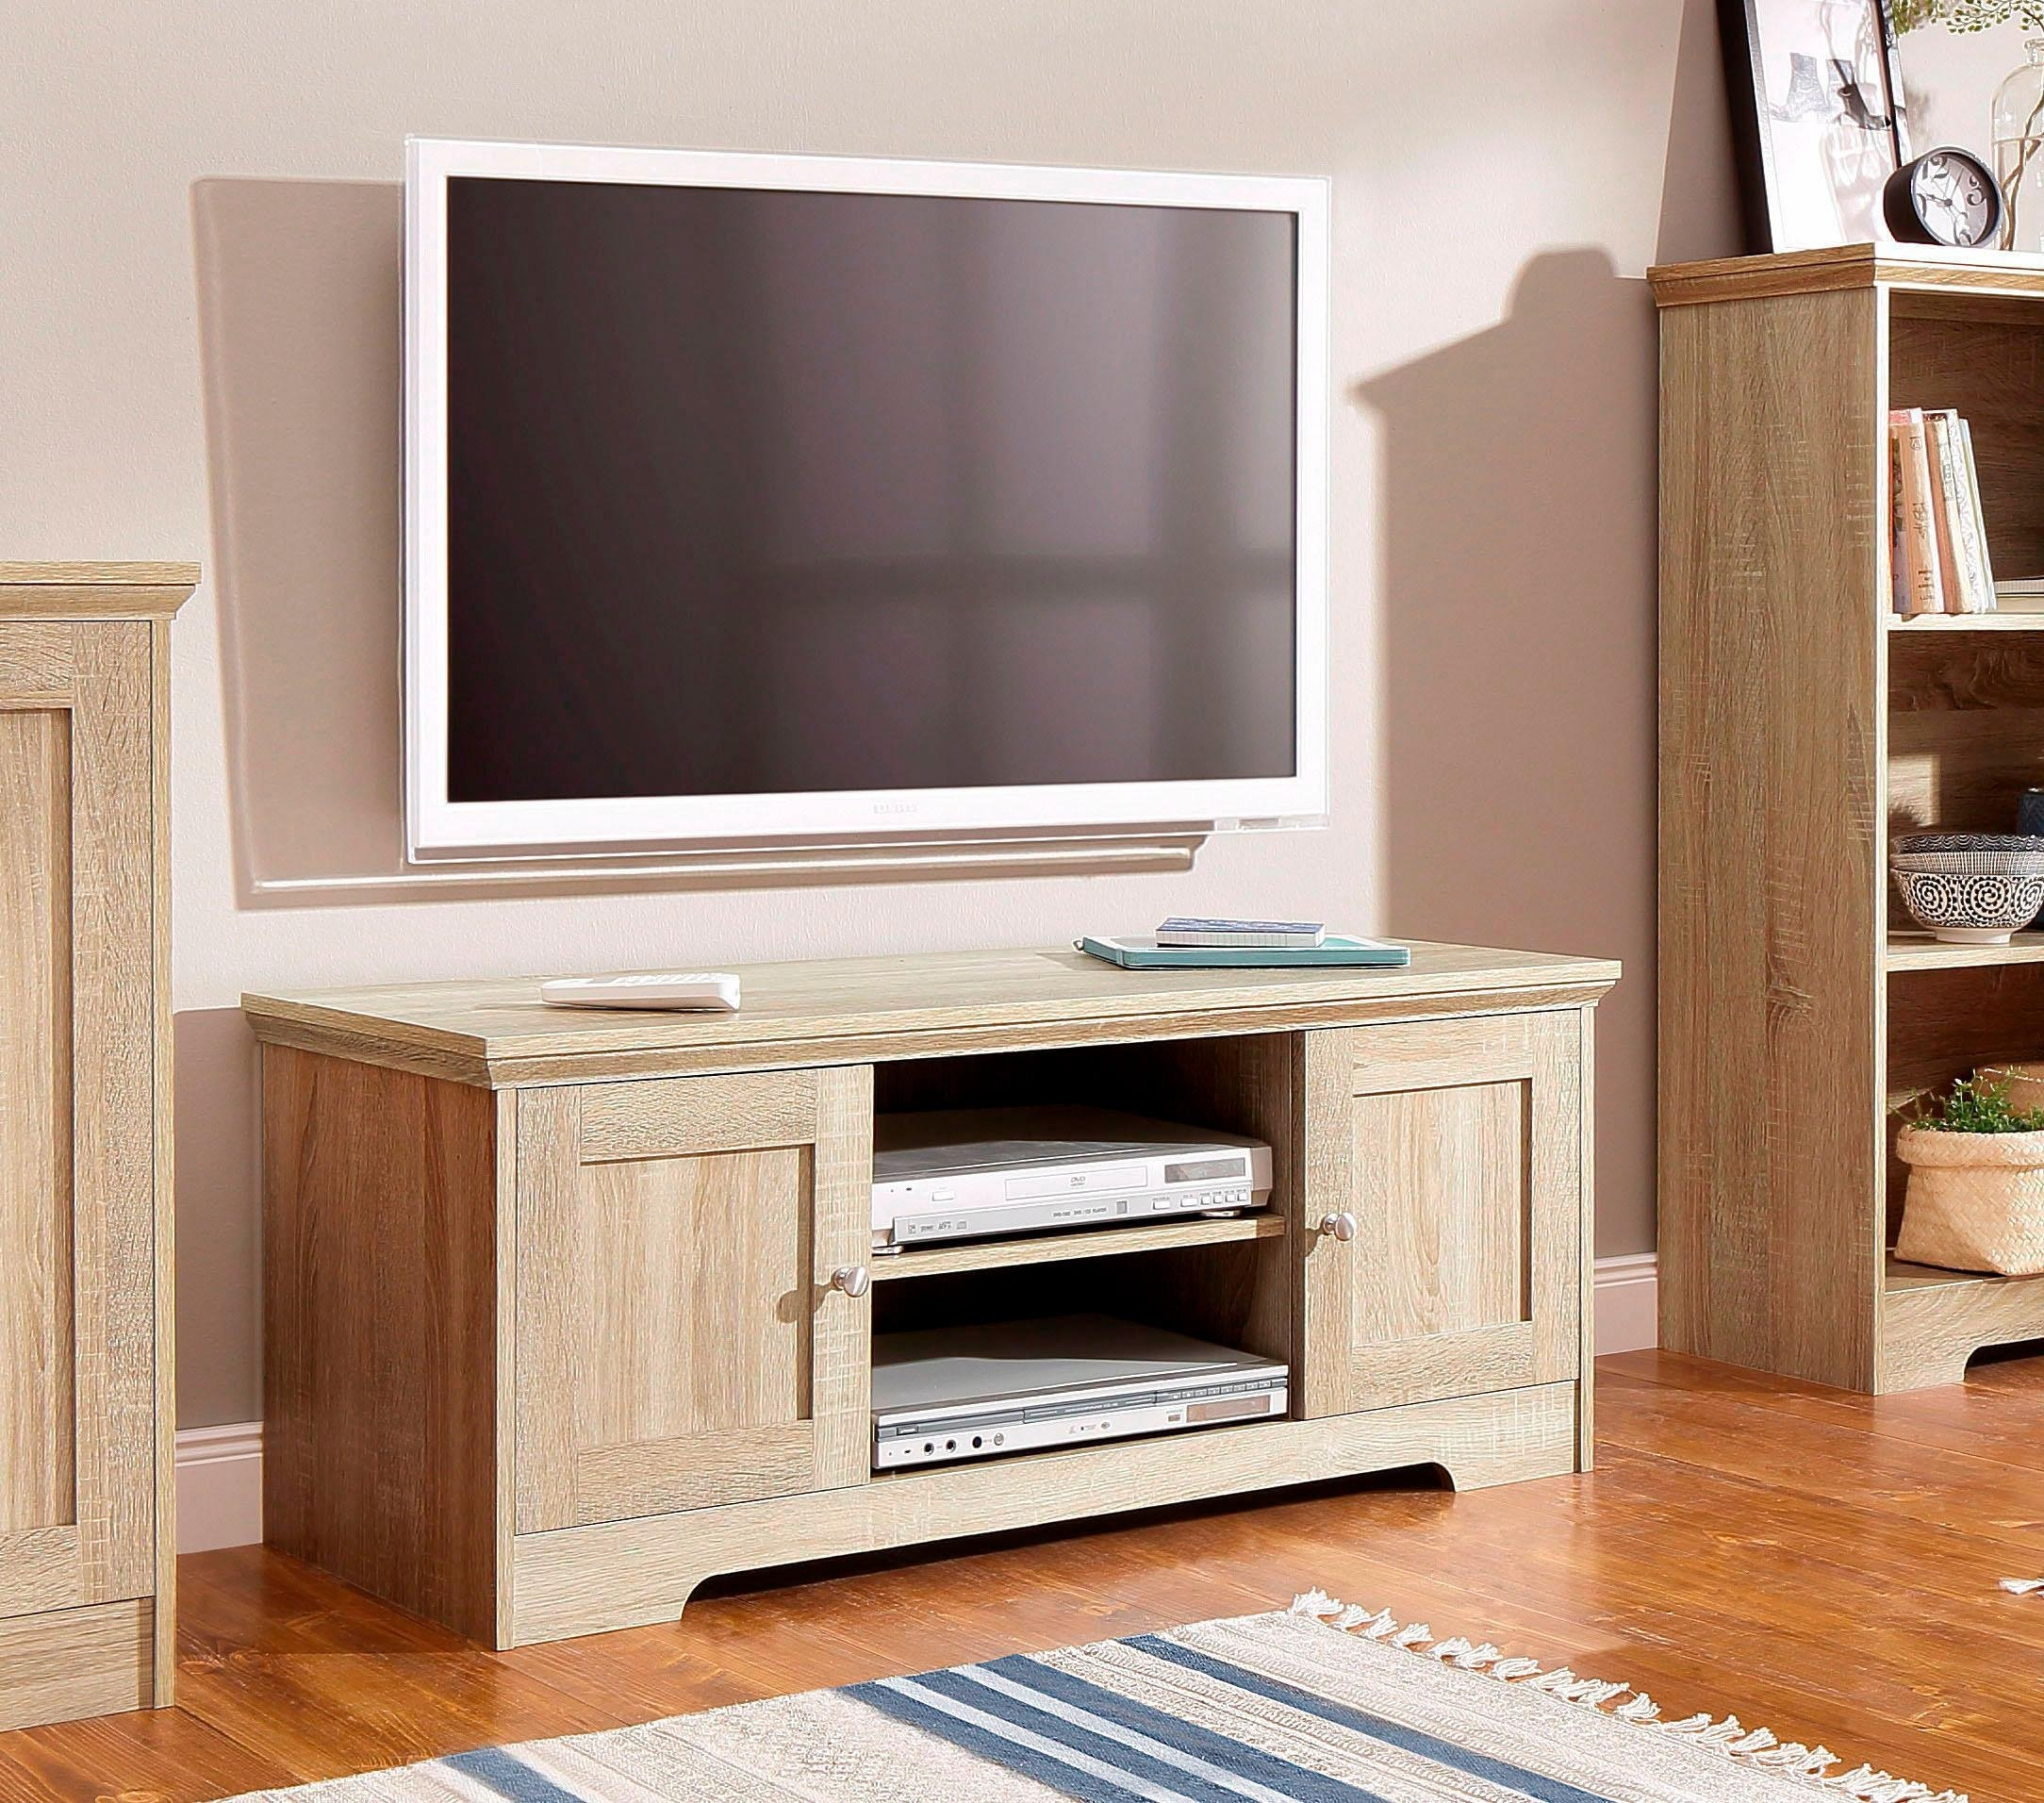 Home affaire TV-meubel »Nanna« in 2 afmetingen - gratis ruilen op otto.nl